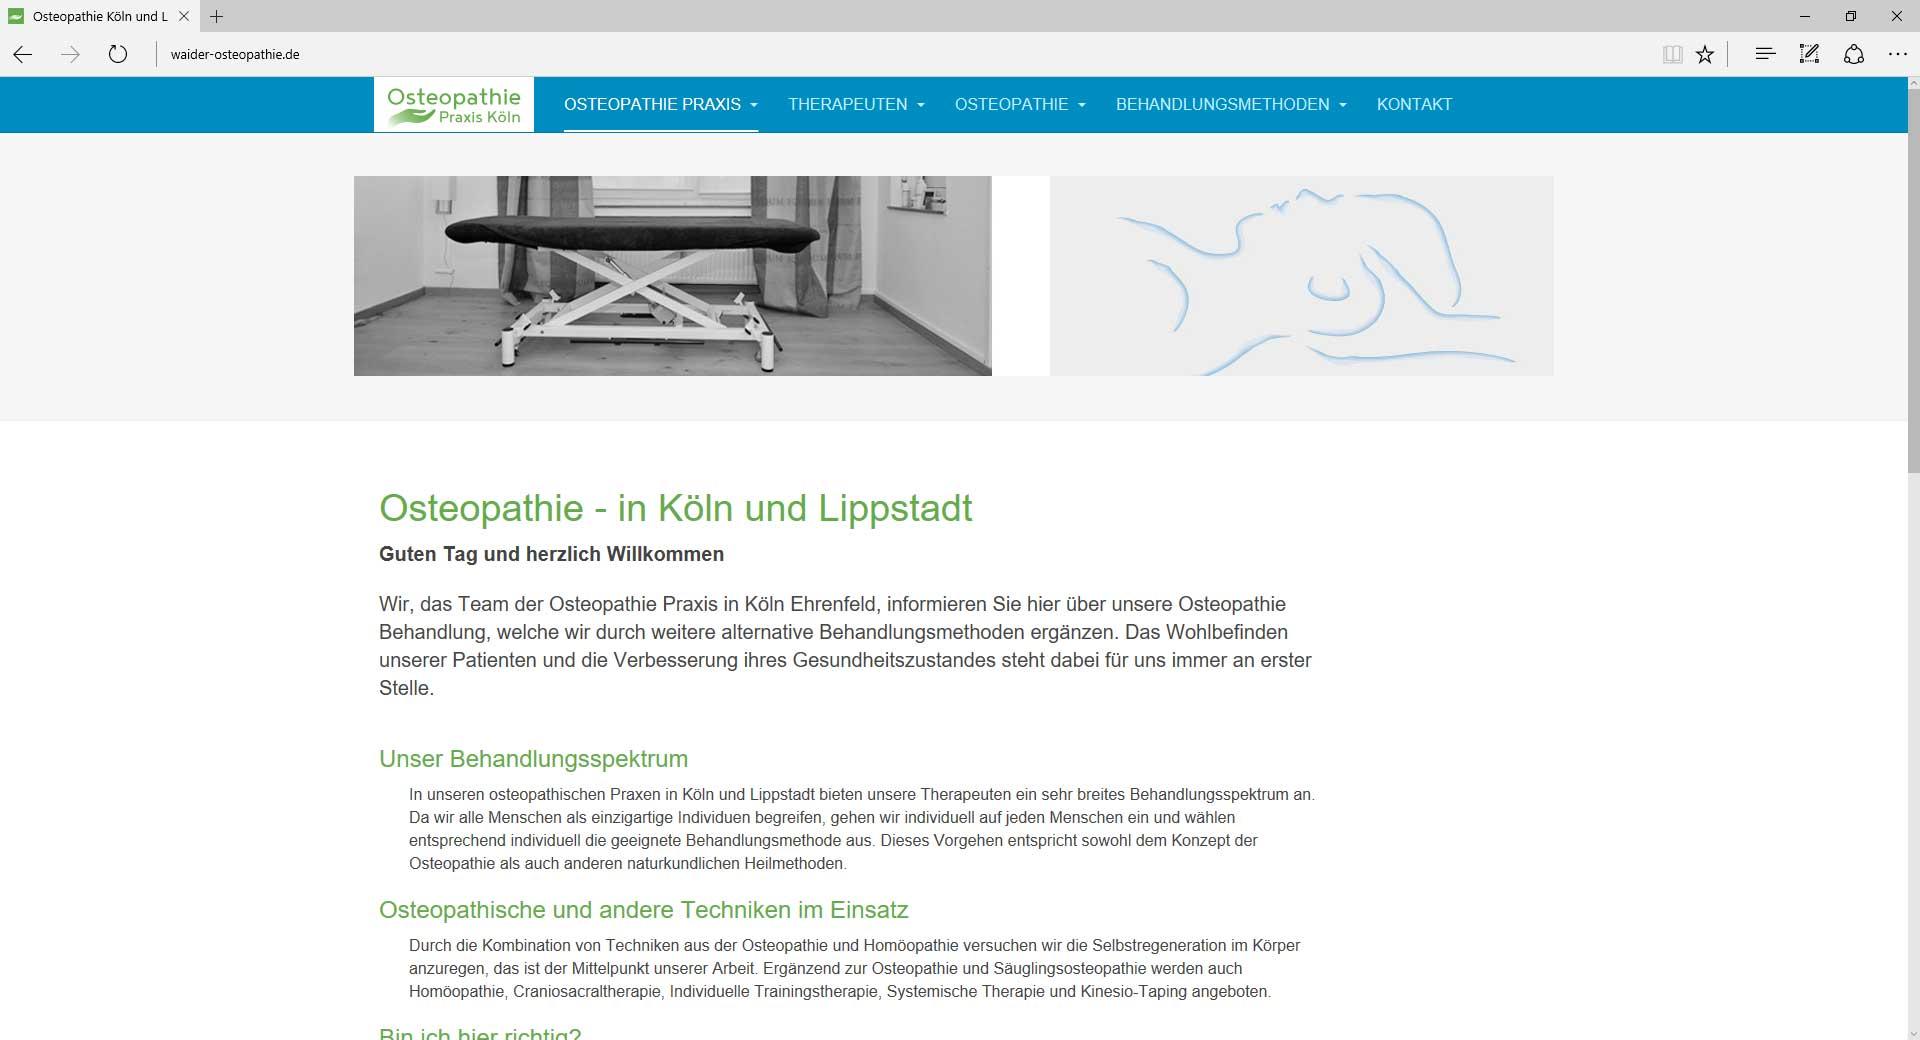 Osteopathie Praxis in Köln, Webseite.